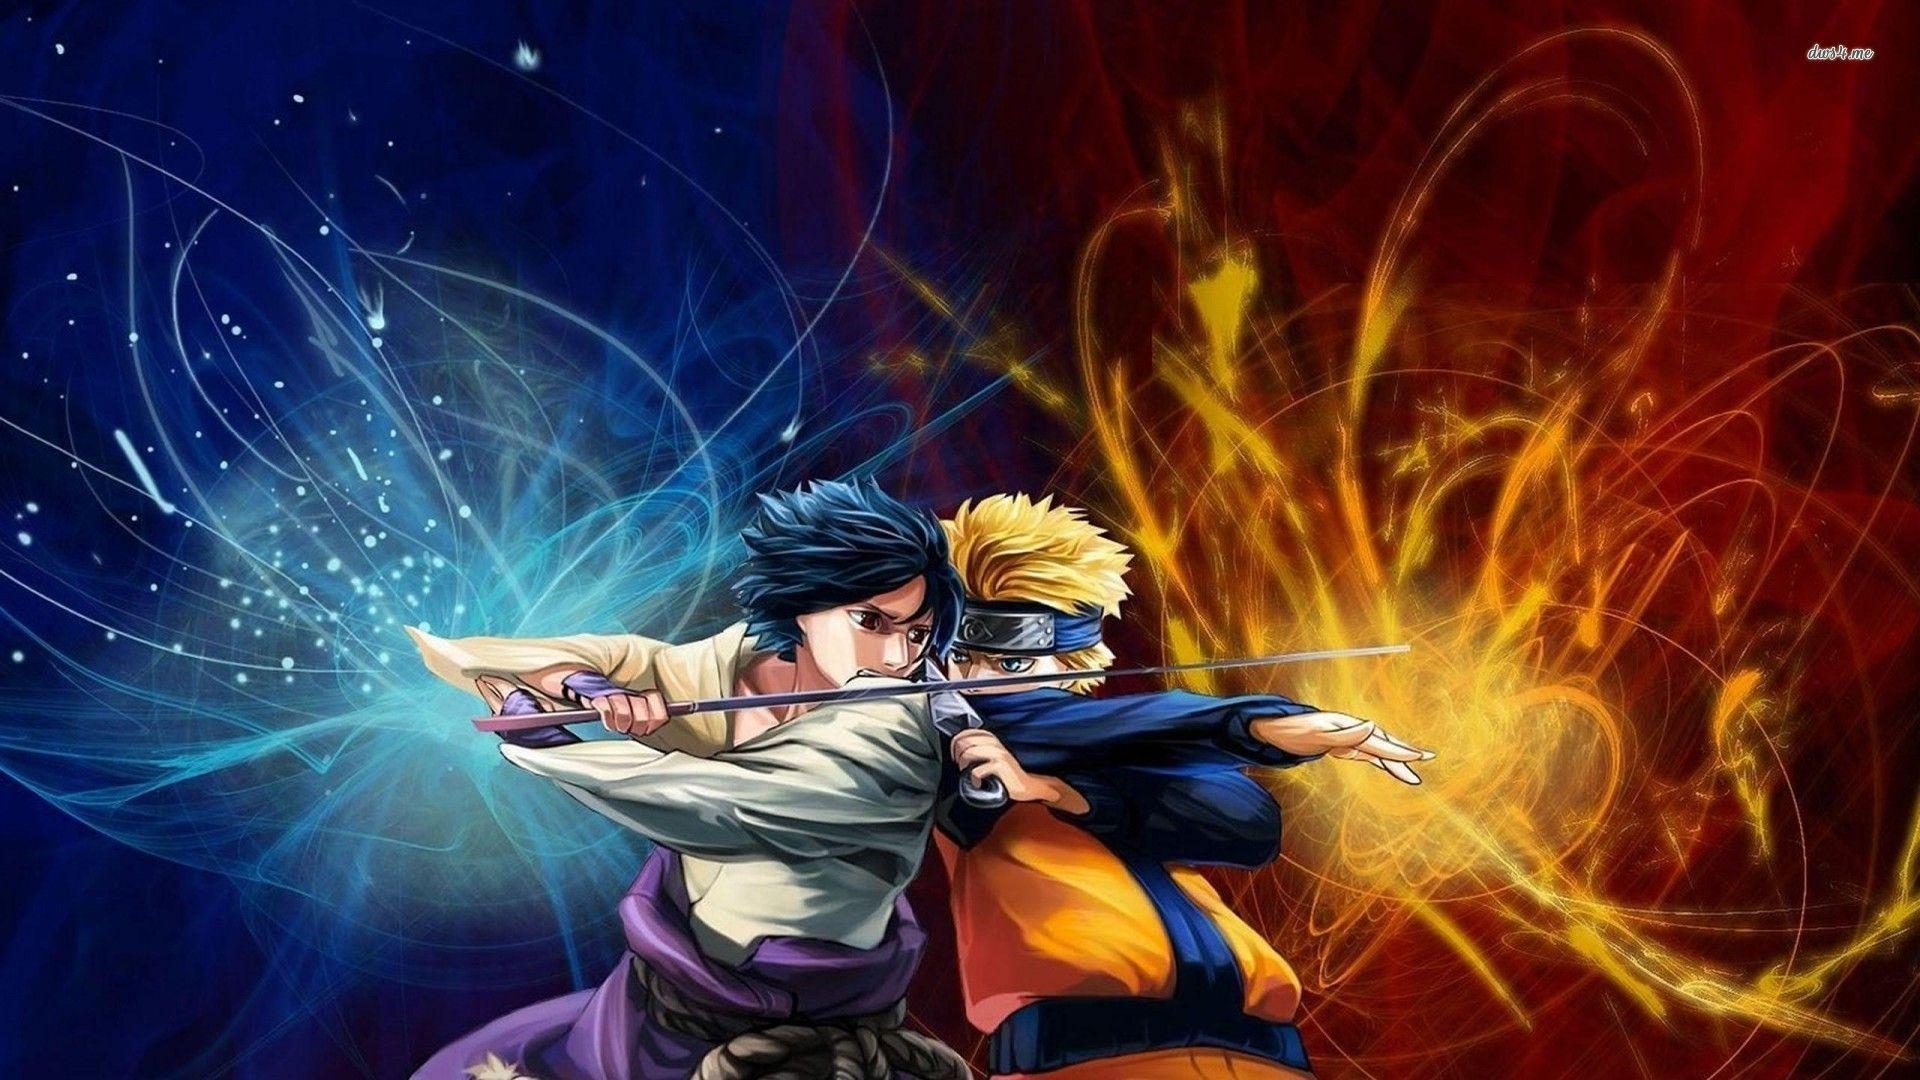 Naruto Shippuden Sasuke Uchiha Wallpaper Hd 1920x1080 518 Live